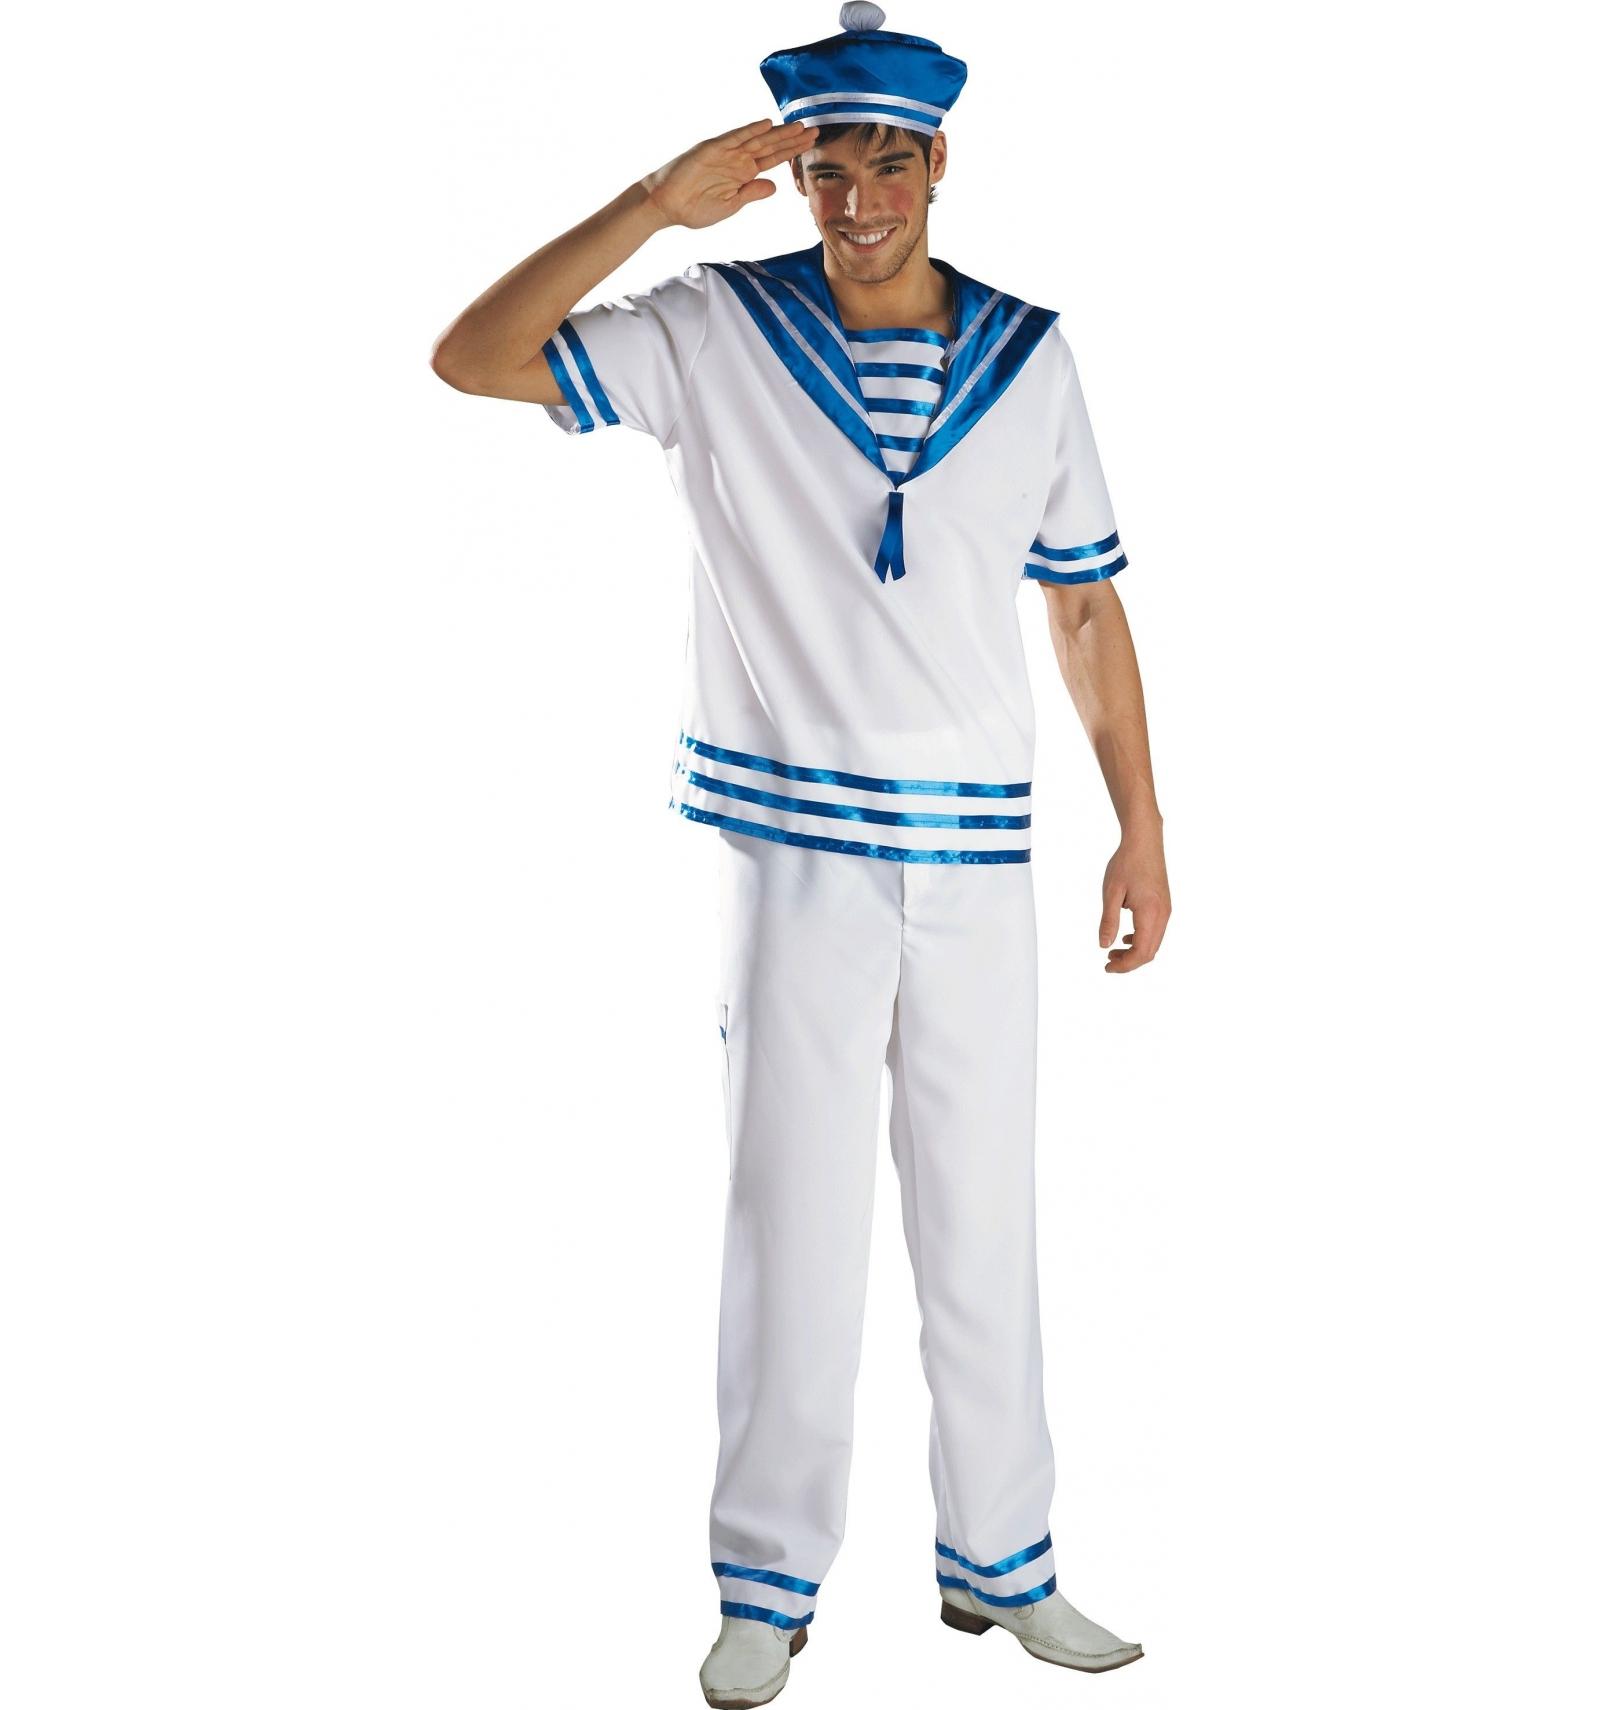 Disfraz marinero adulto importaci n tienda de disfraces - Disfraz de marinero casero ...